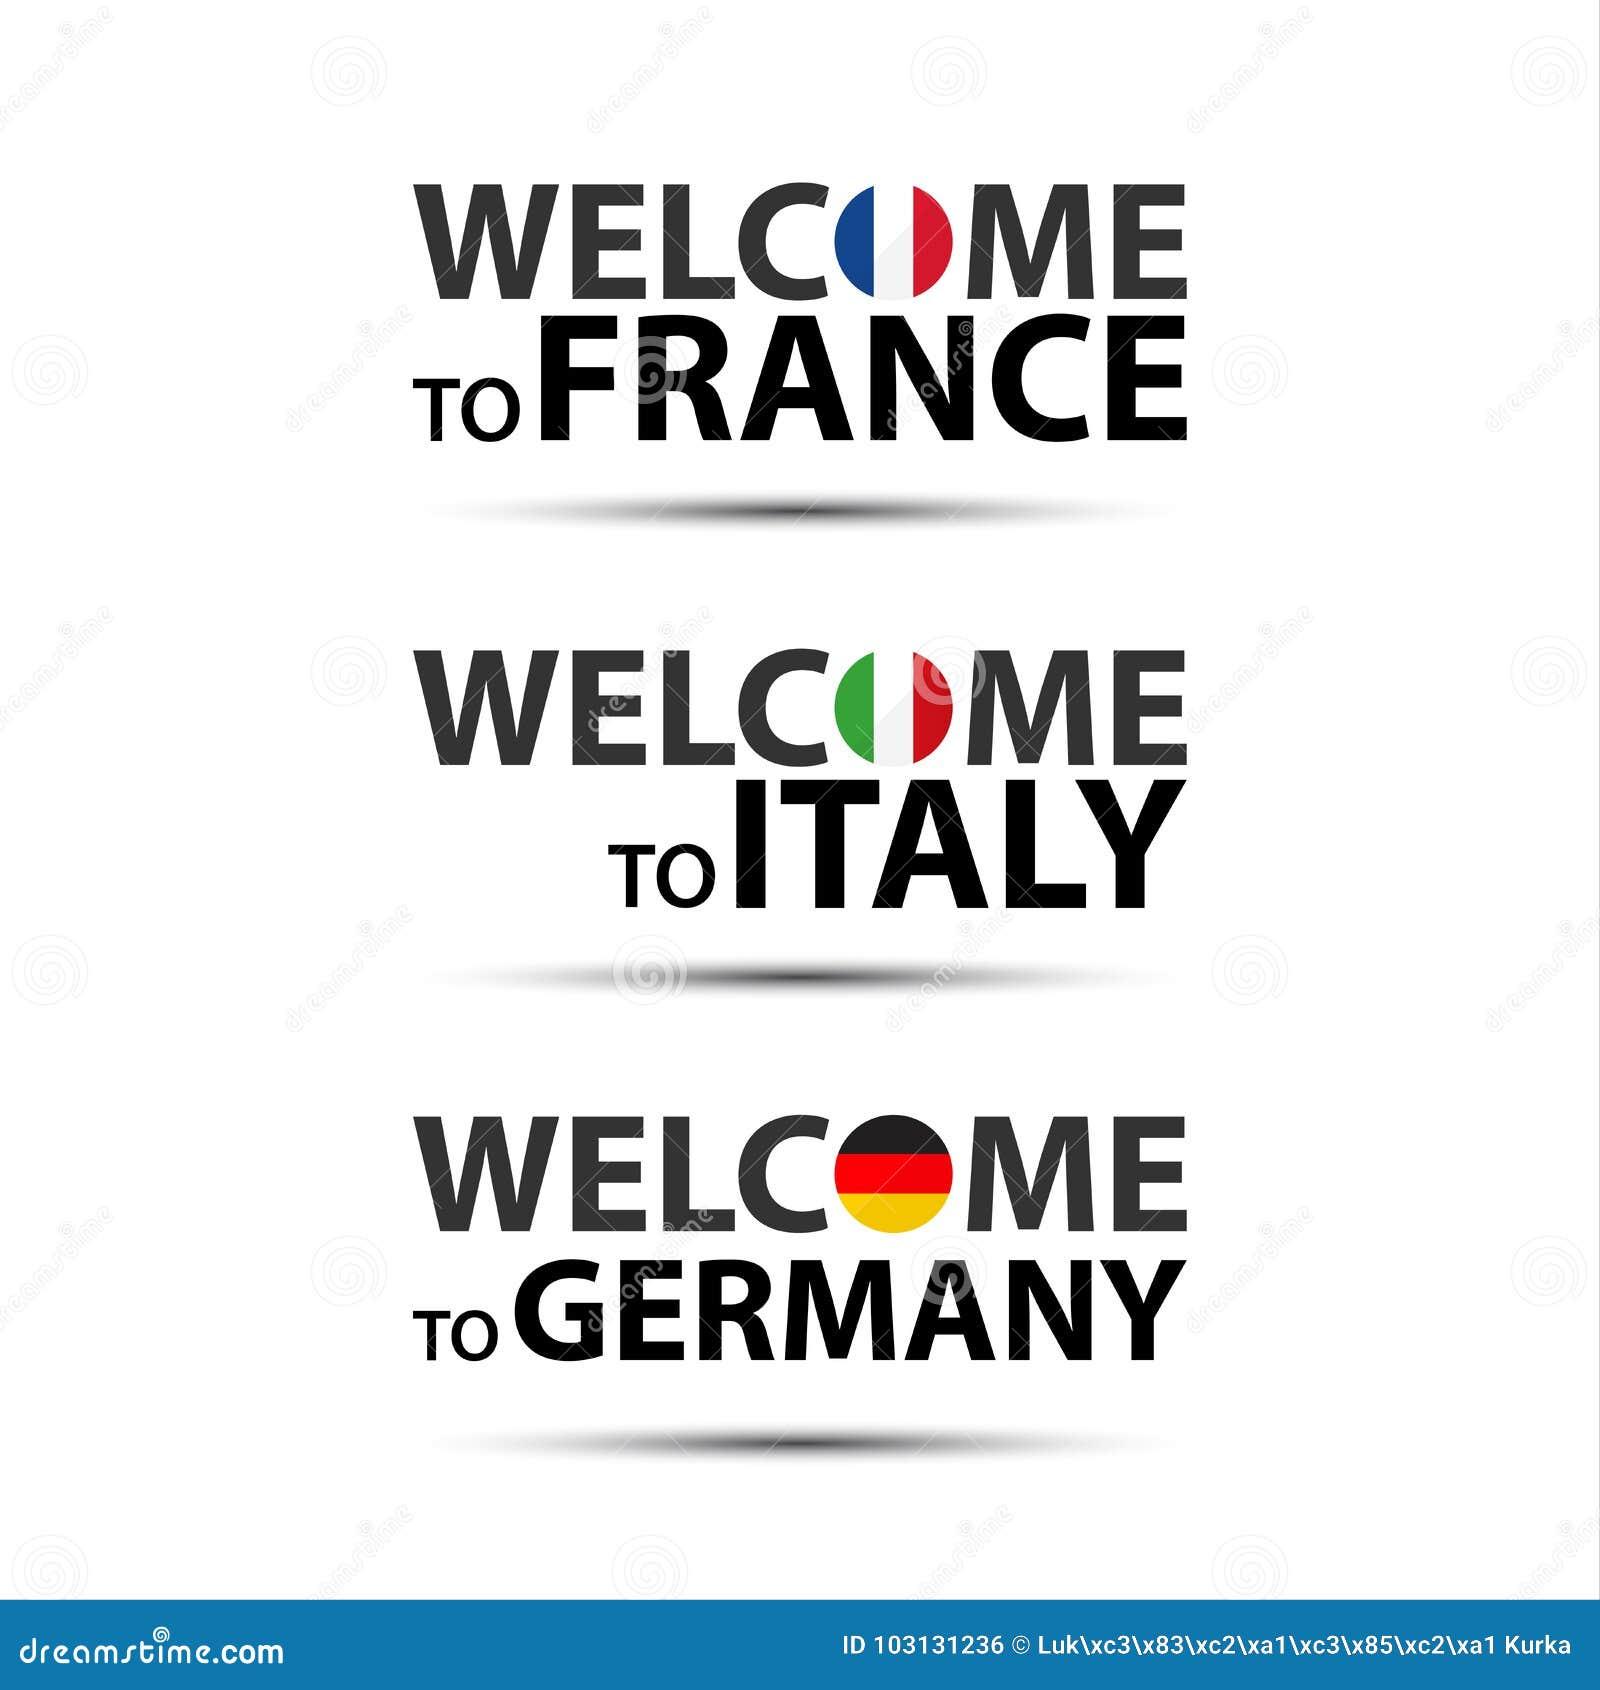 Benvenuto in Francia, benvenuto in Italia e benvenuto in Germania